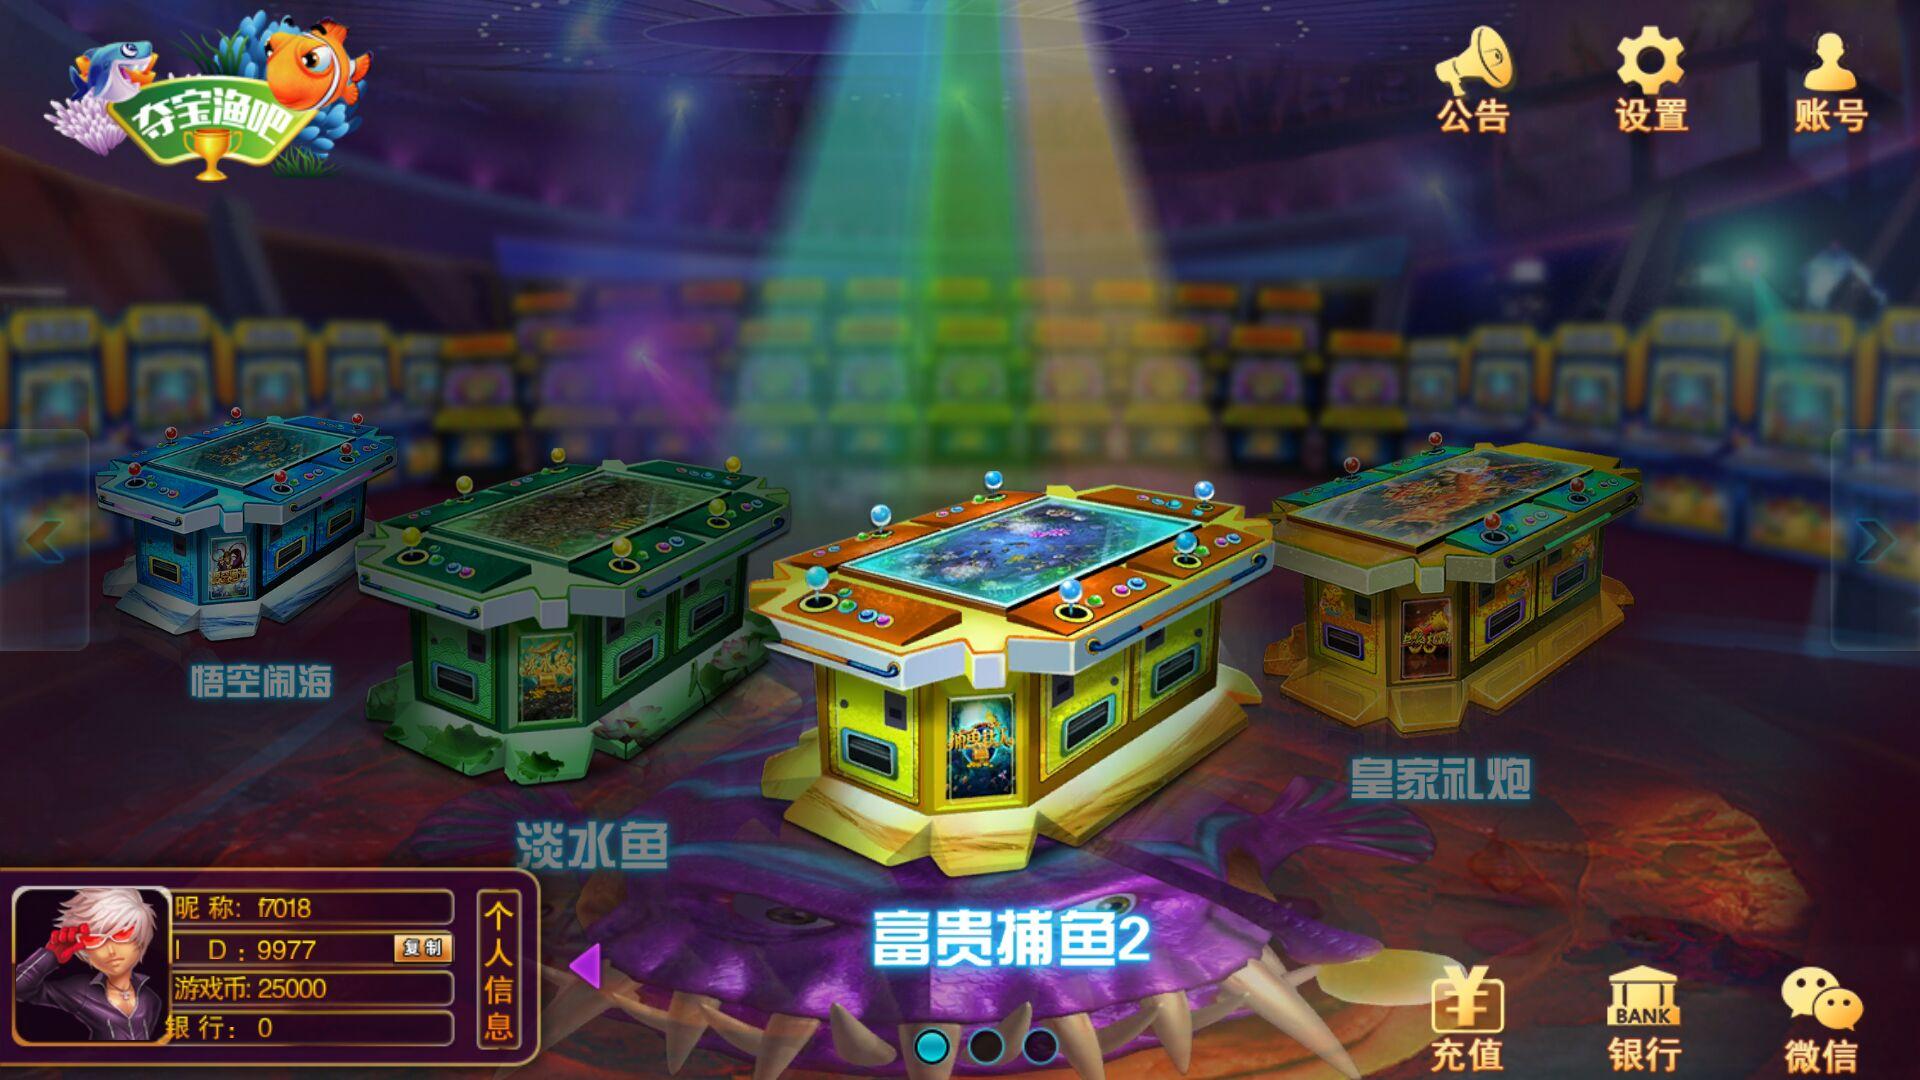 富贵电玩2代 富贵电玩新版 富贵电玩组件下载 棋牌-第6张